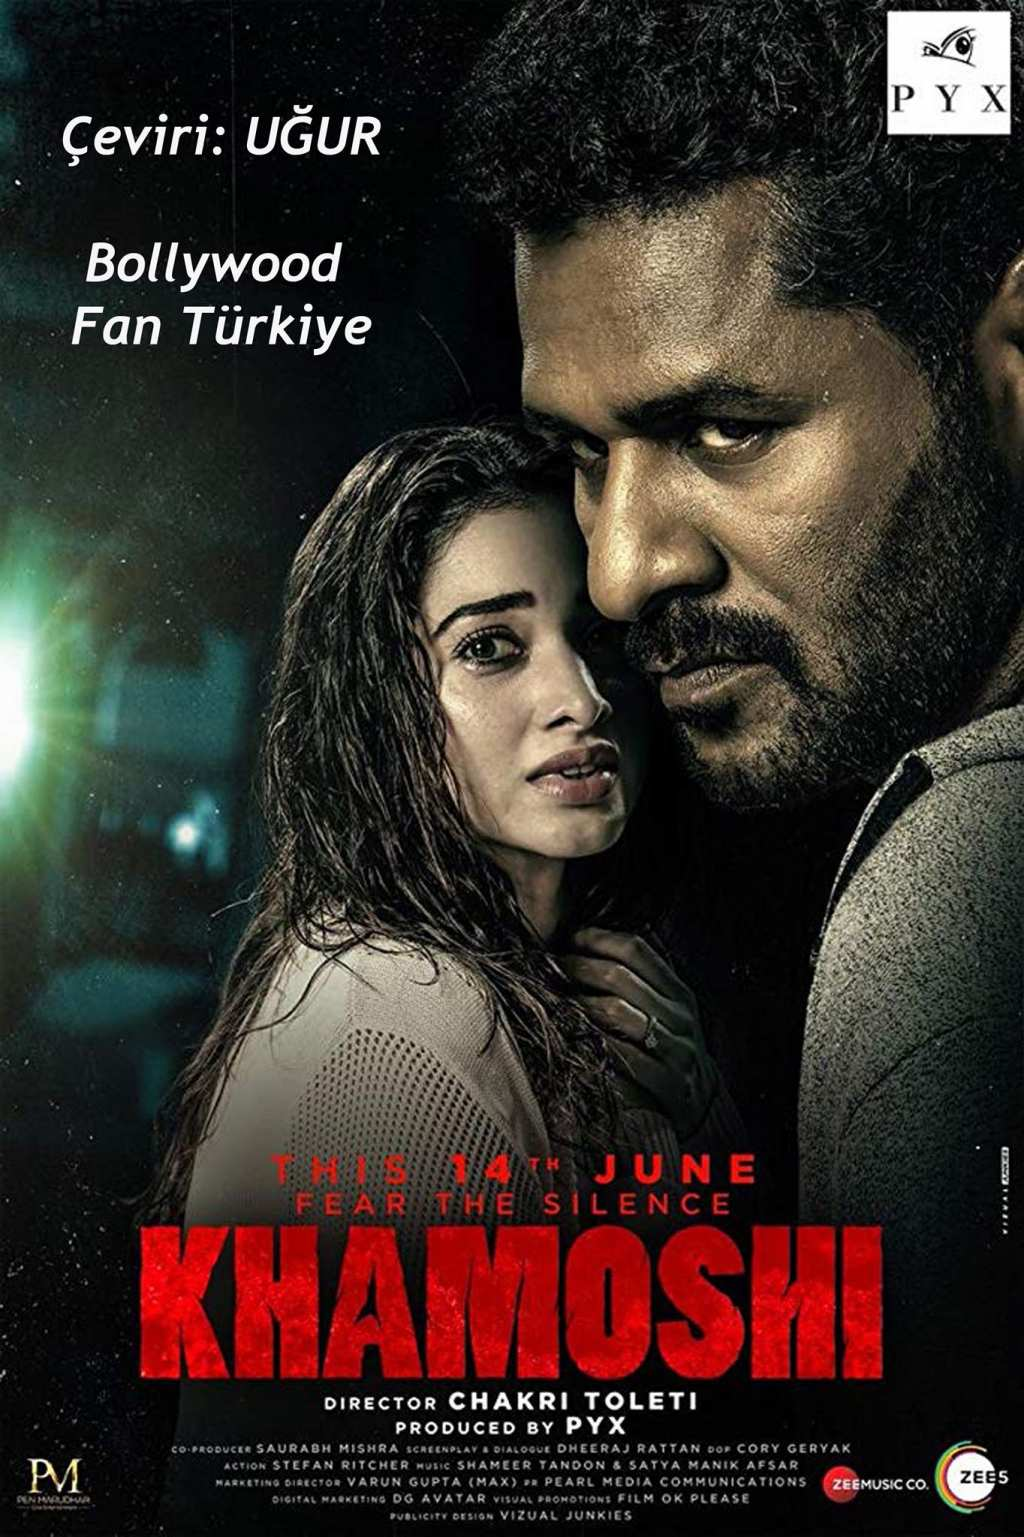 Bollywood Hd Mkv Movies Download 2020